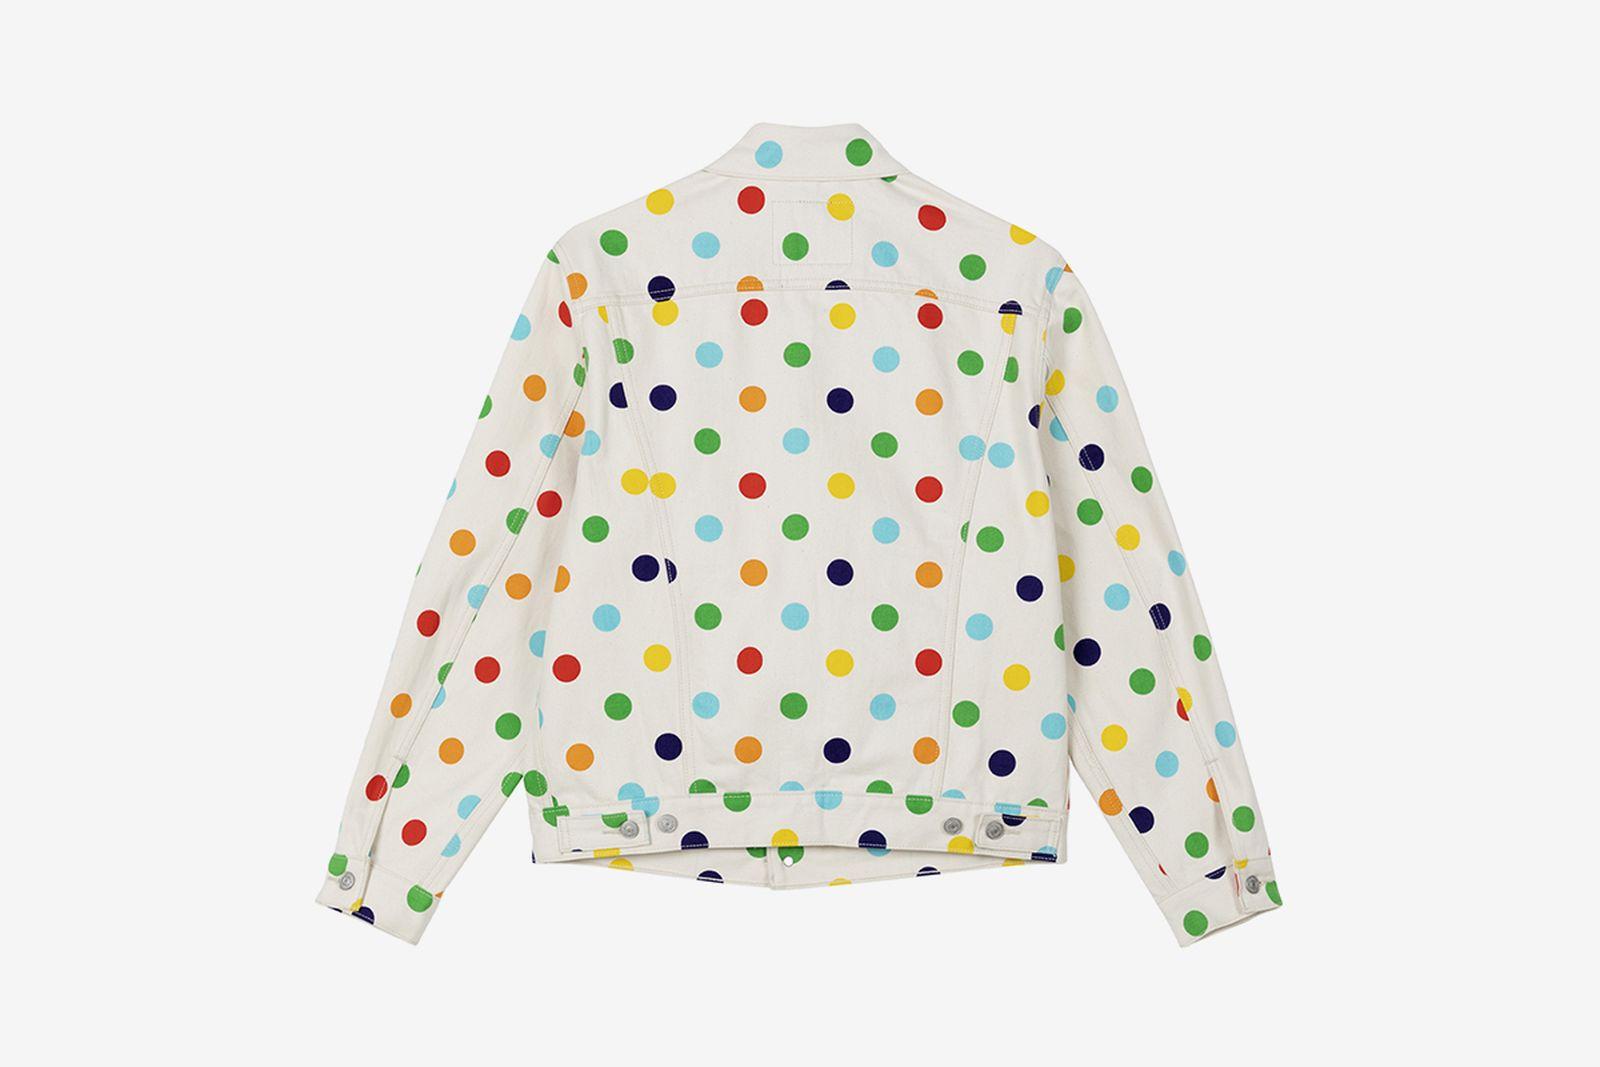 Levi's GOLF WANG jacket